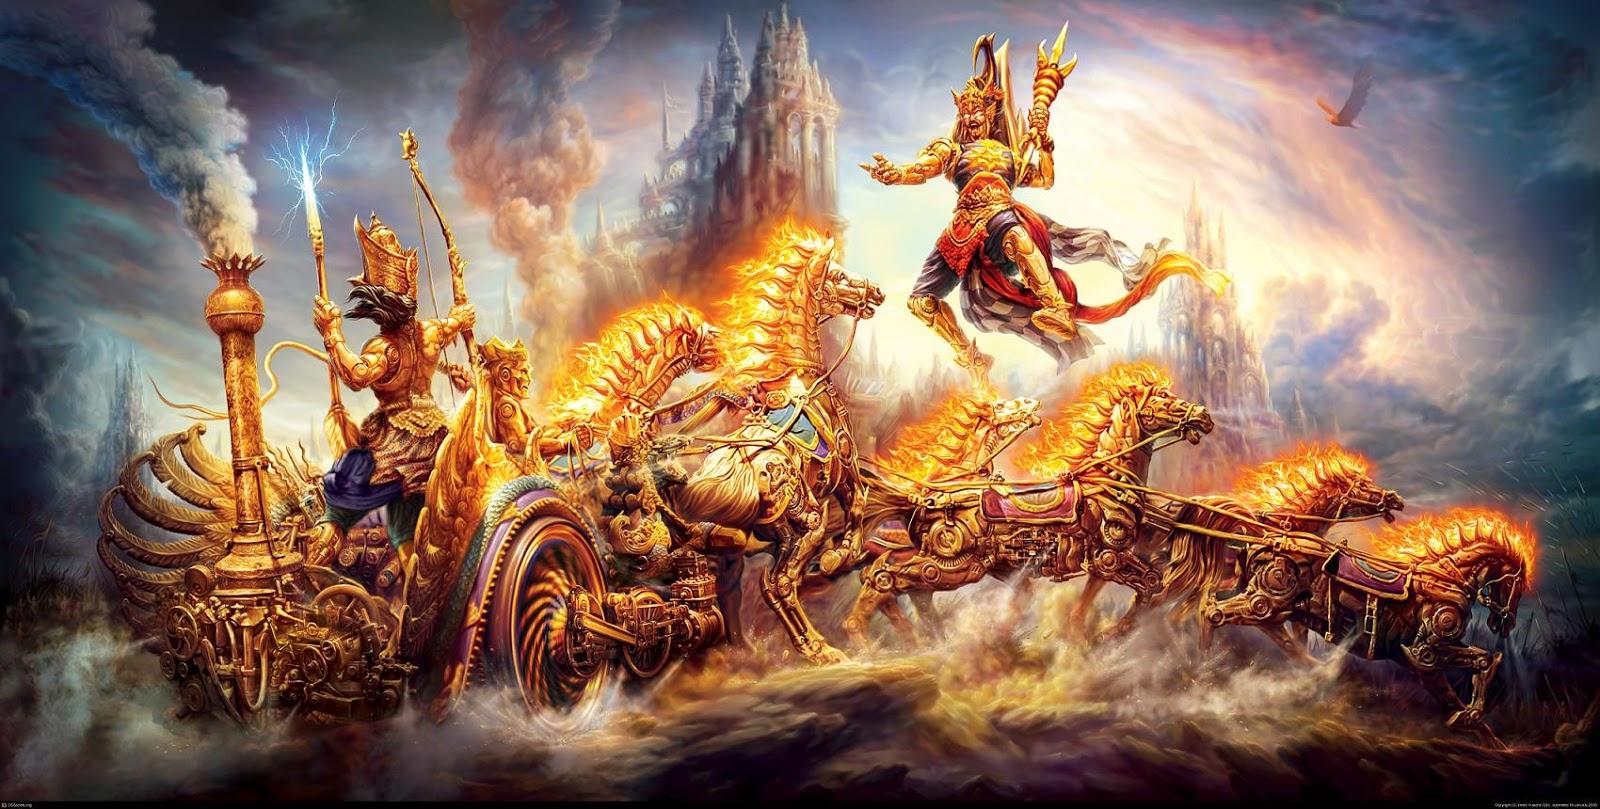 http://indiaopines.com/ghatotkacha-warrior-kurukshetra-war/